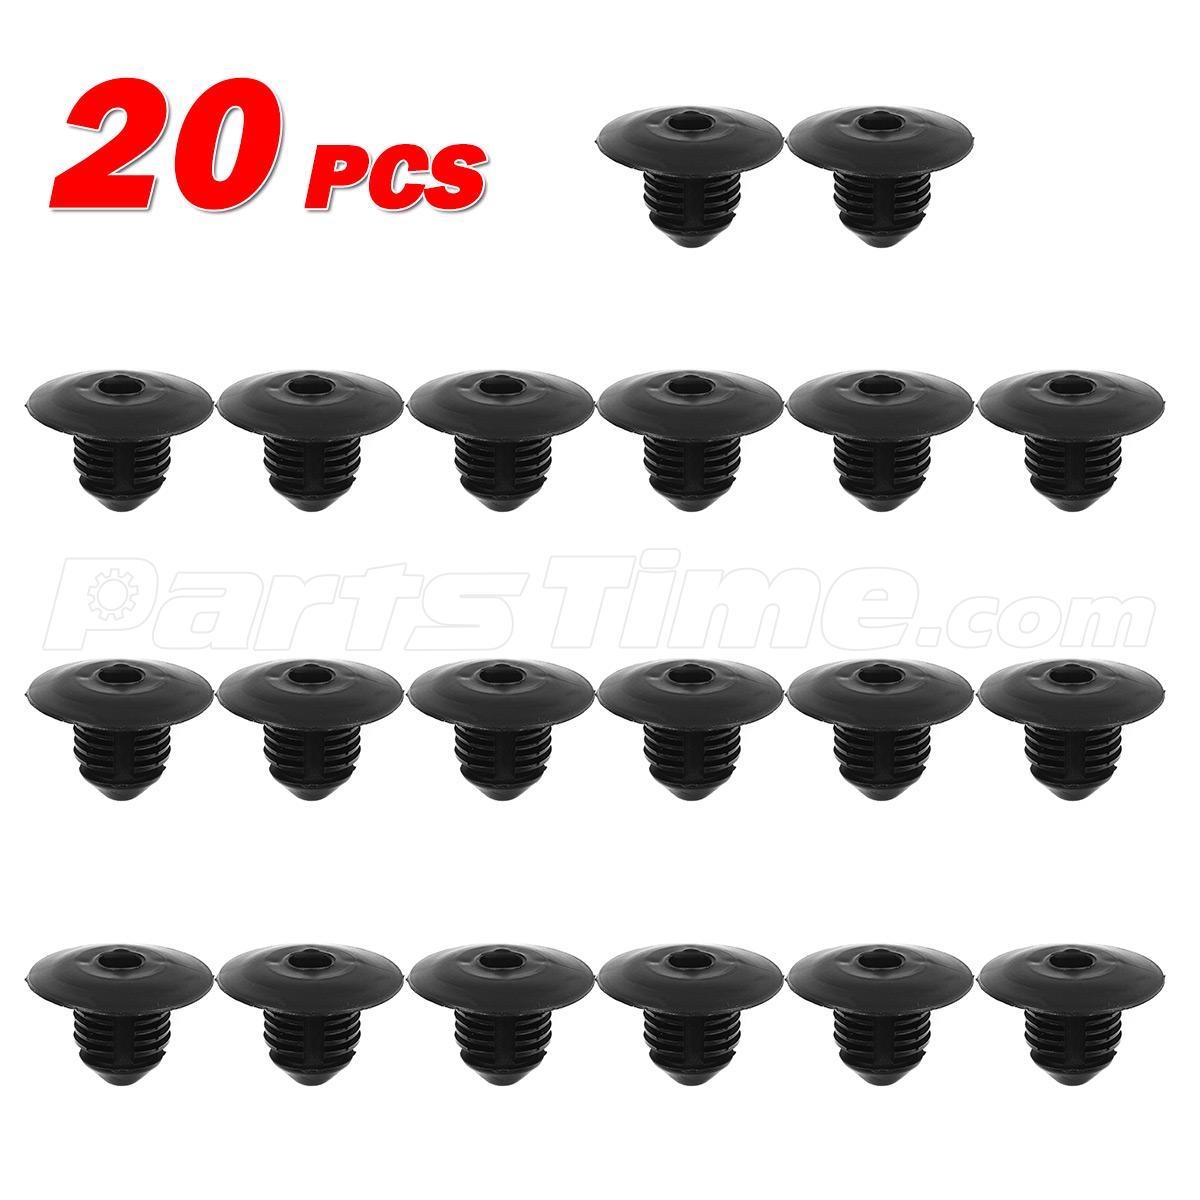 chevrolet ssr bumpers 20 front bumper cover retainer fascia insulators clip for gm cadillac chevrolet fits chevrolet ssr